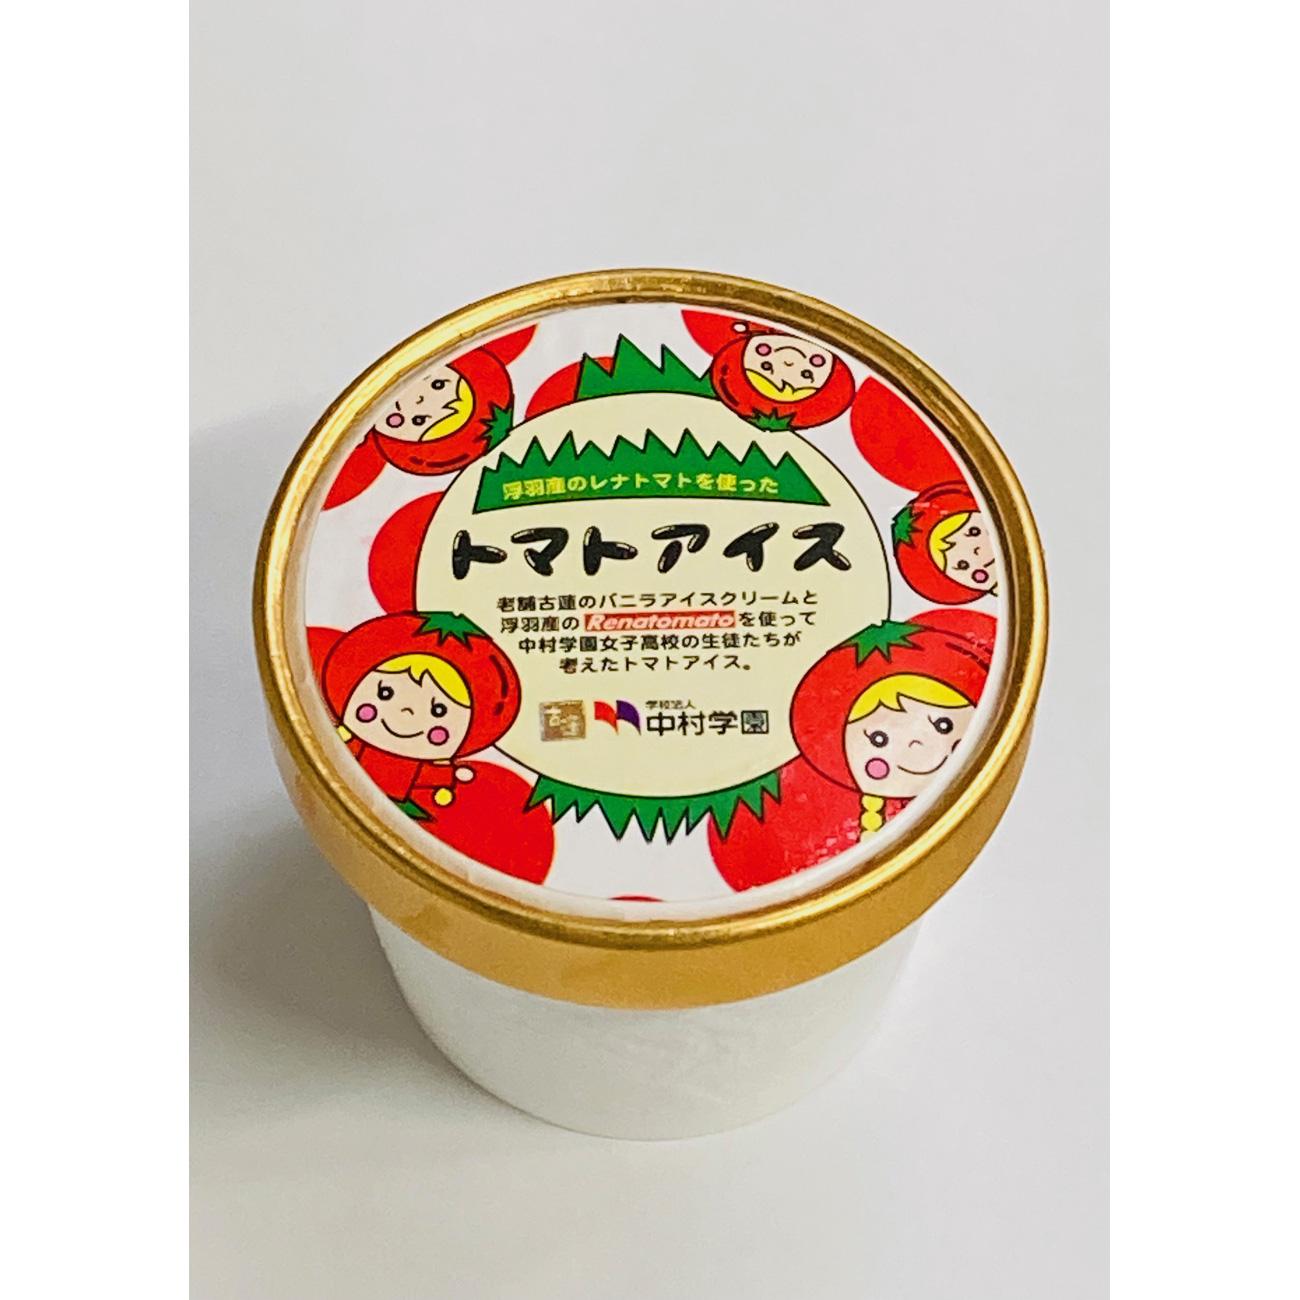 古蓮トマトアイスクリーム (75ml)